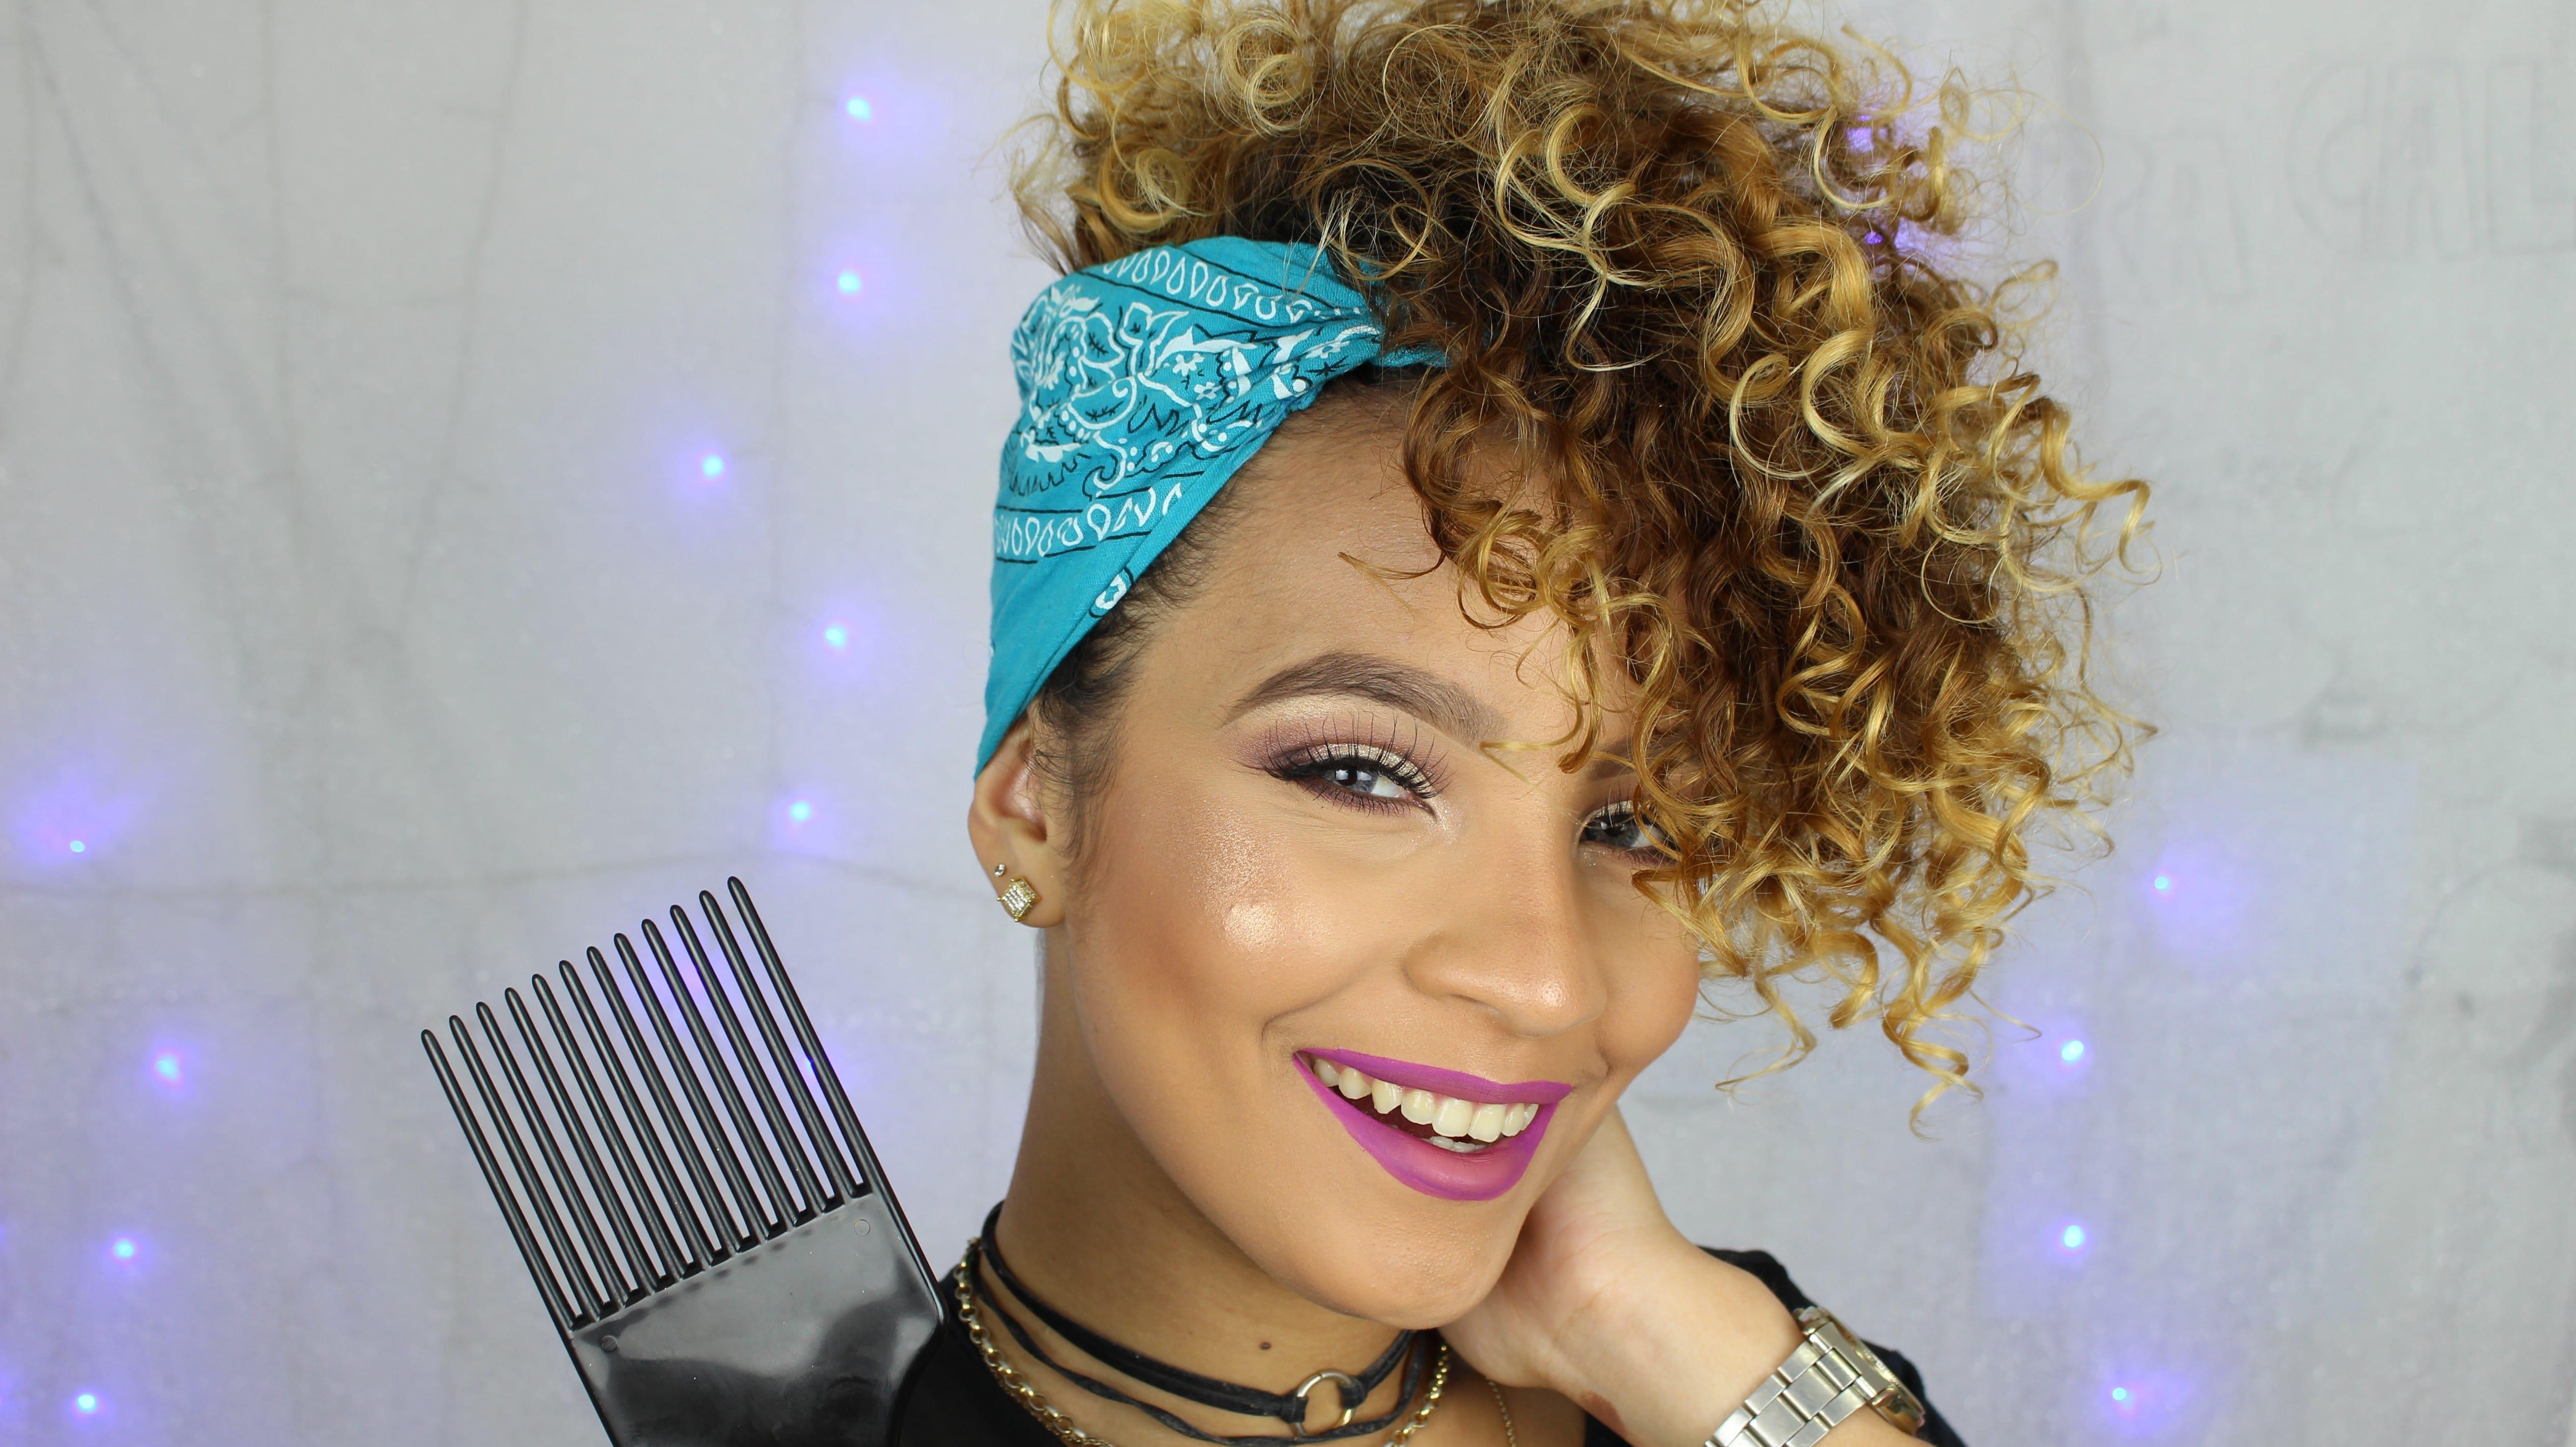 7 - Como arrumar cabelo curto ou em transição